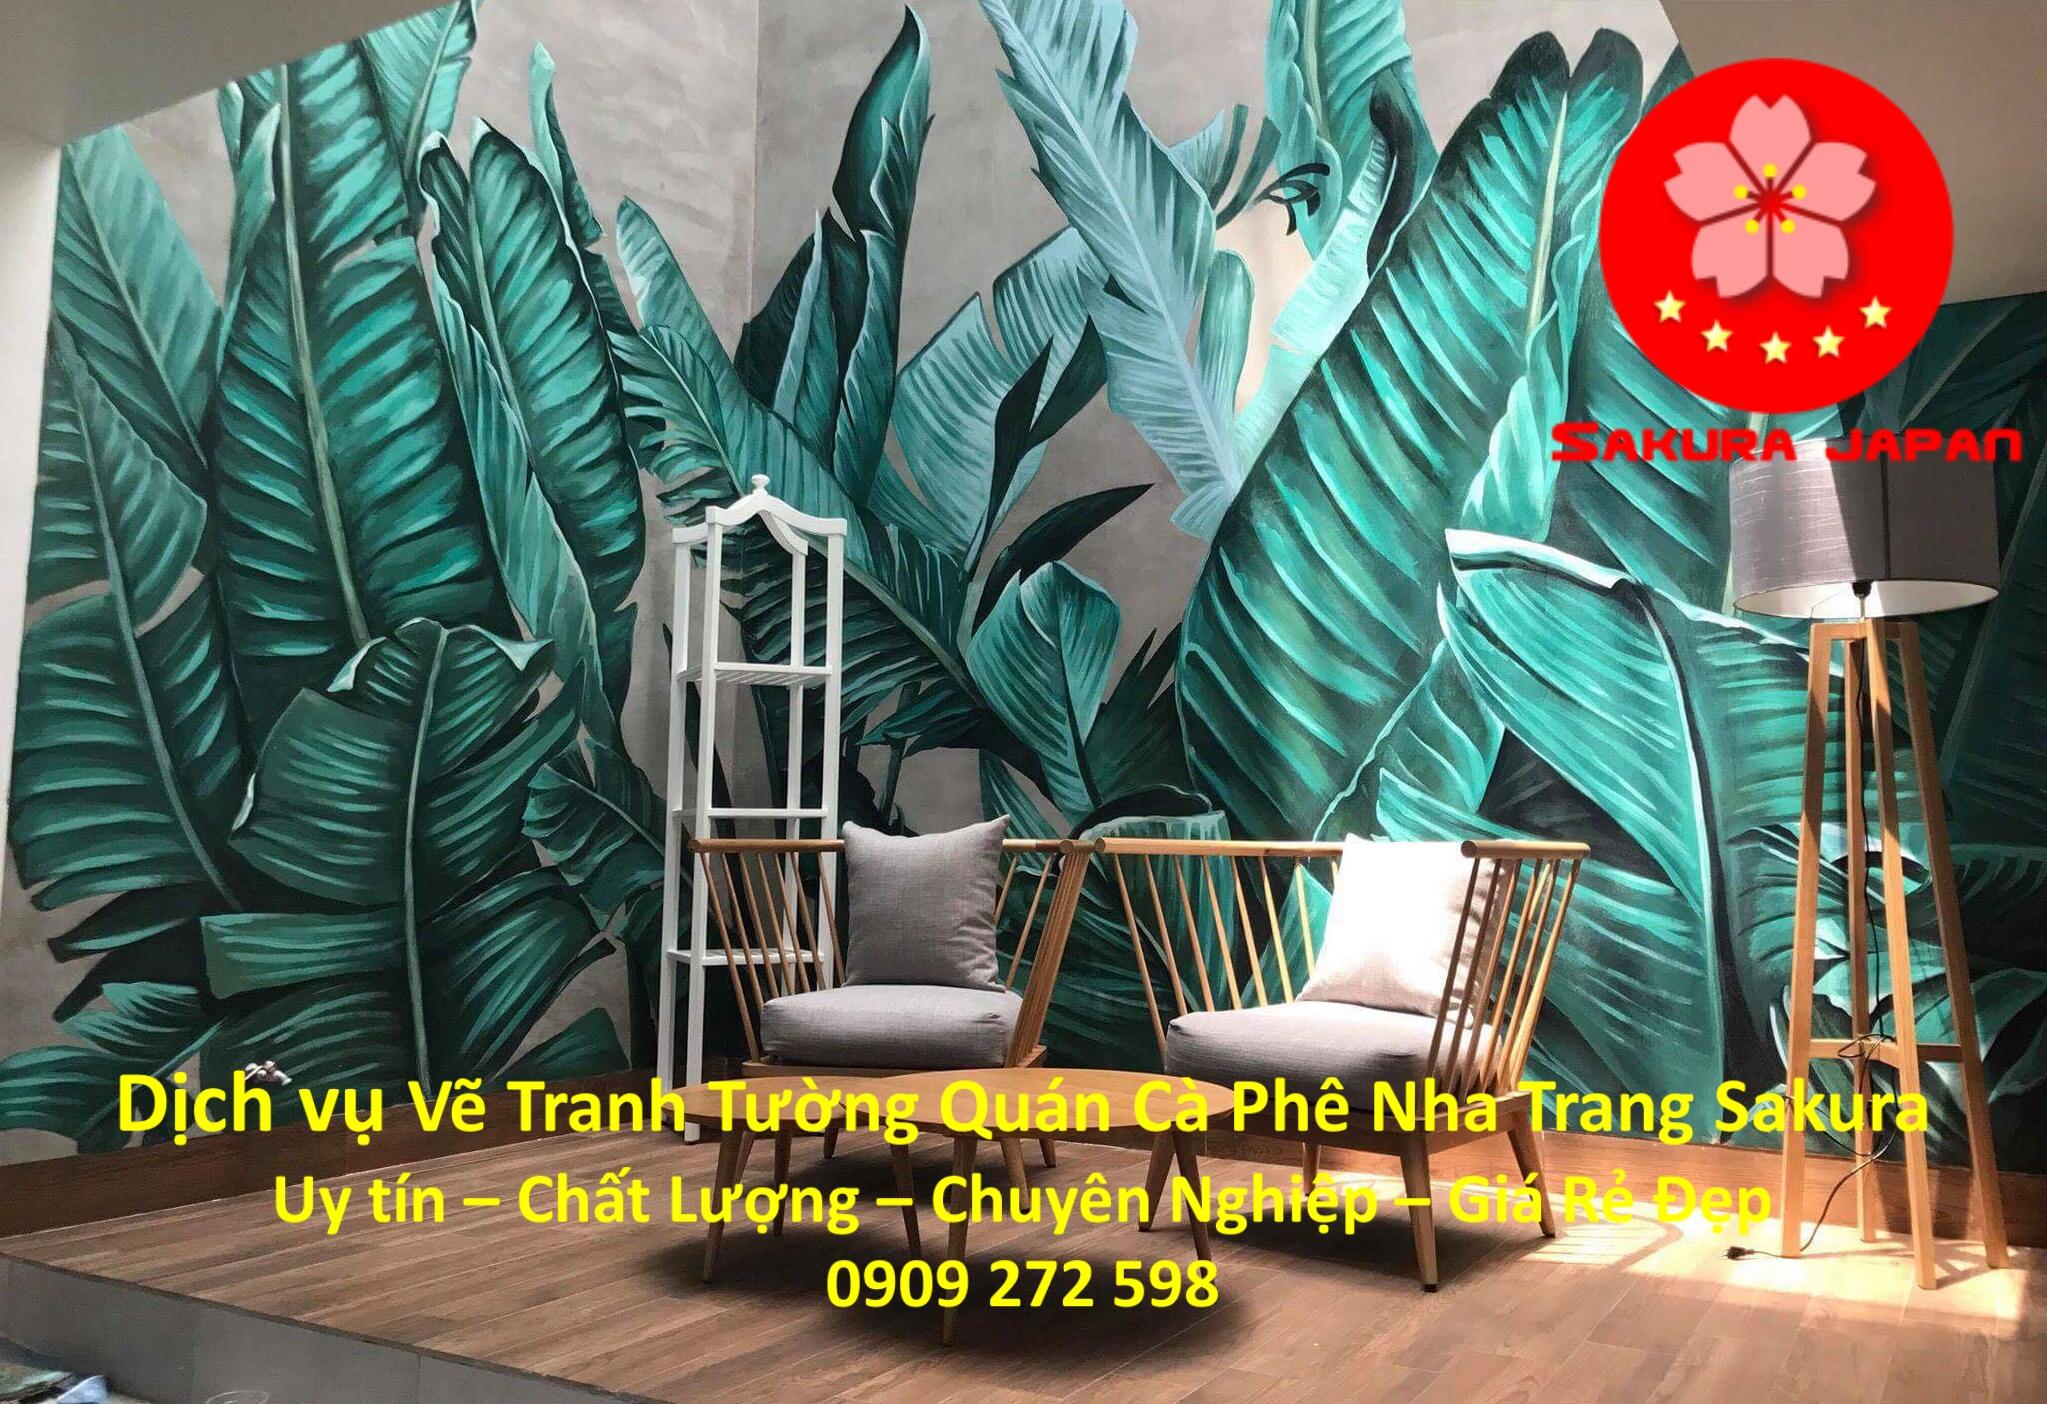 Vẽ Tranh Tường Quán Cafe ở tại Nha Trang rẻ đẹp nhất 6